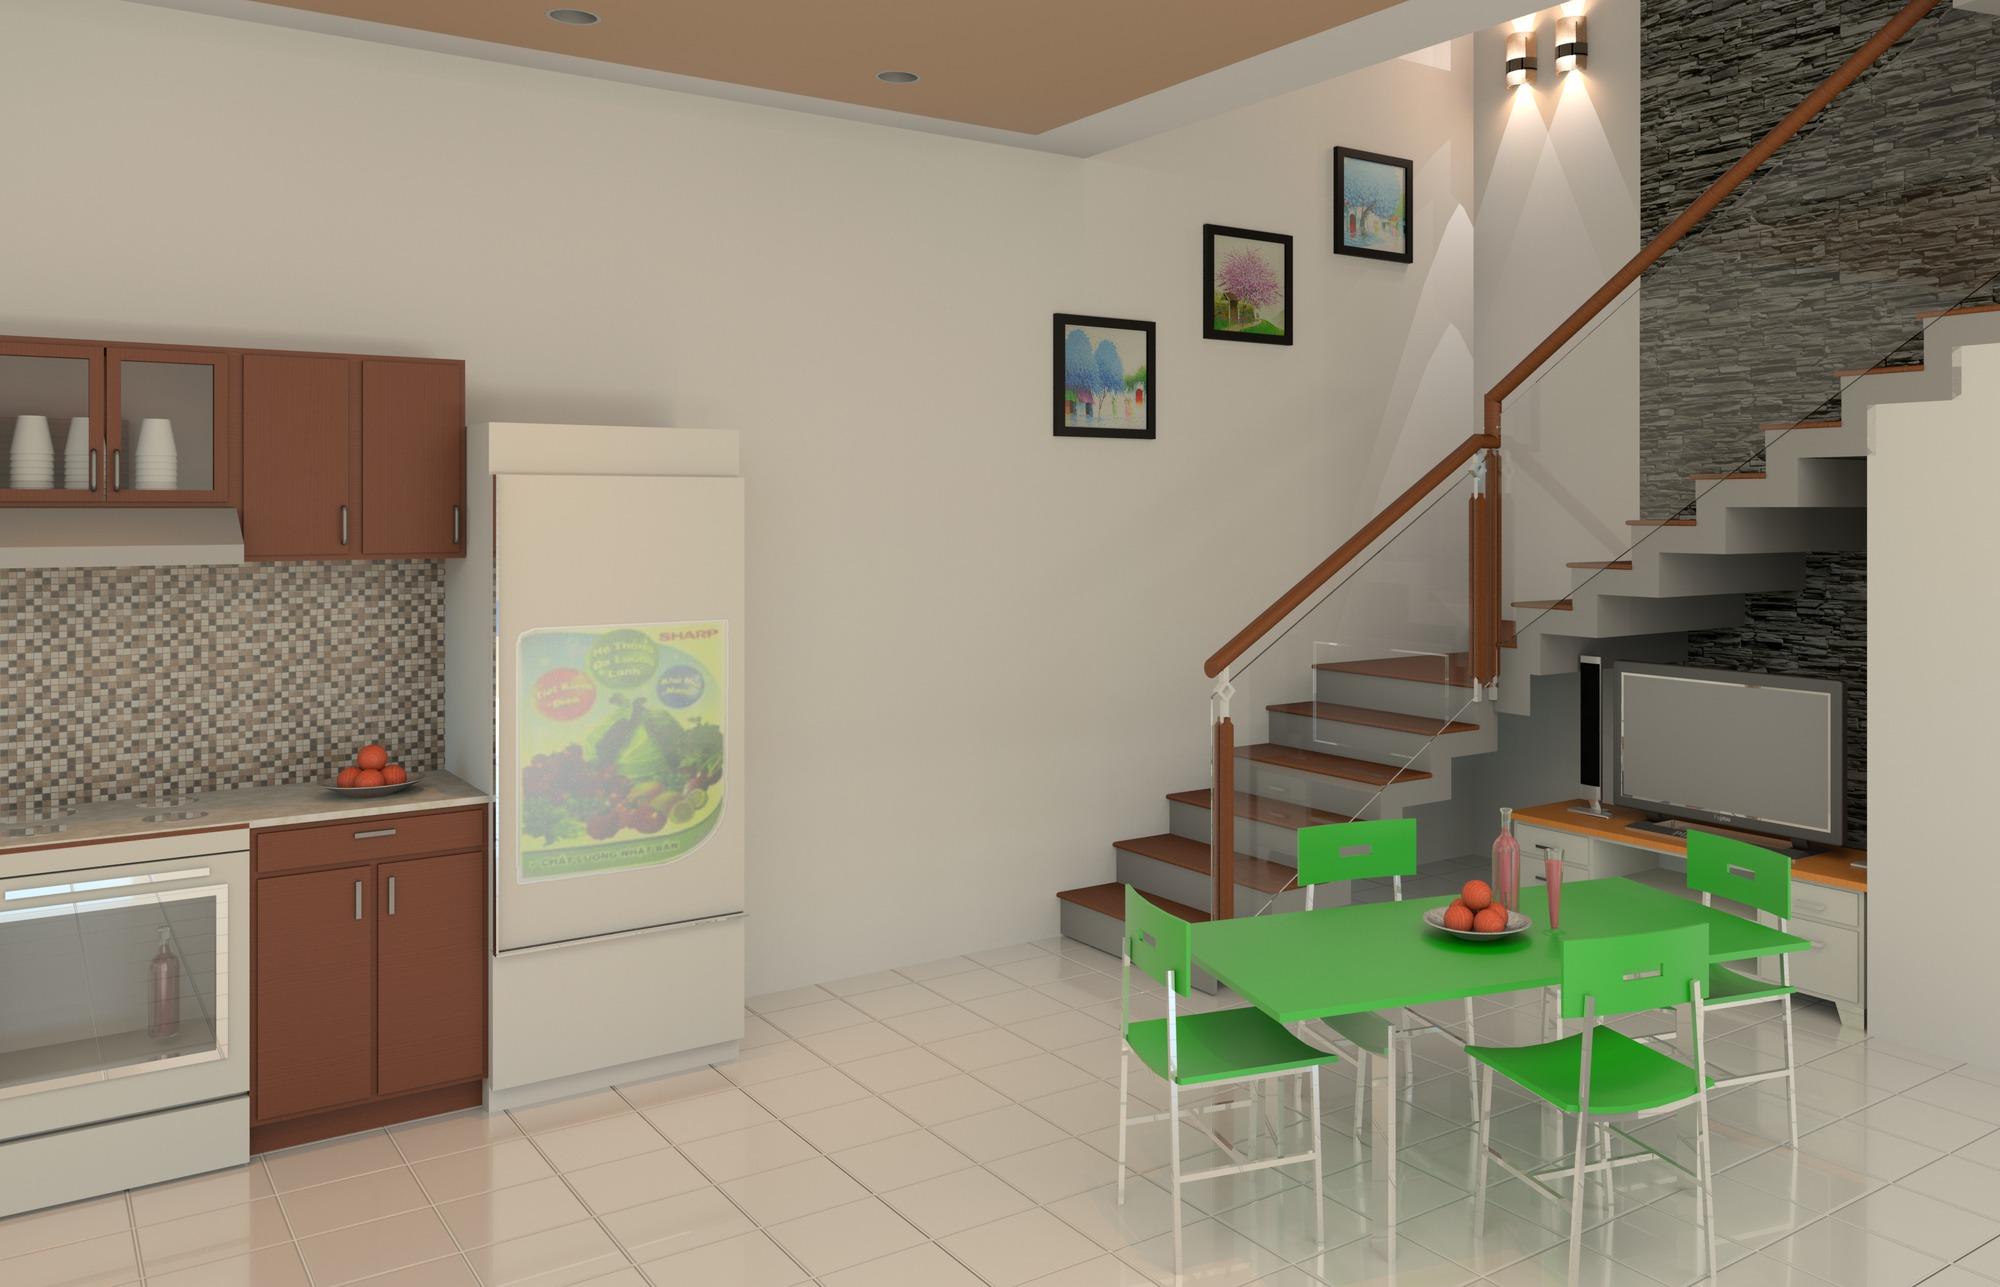 Raas-rendering20150417-22574-1i5ogf